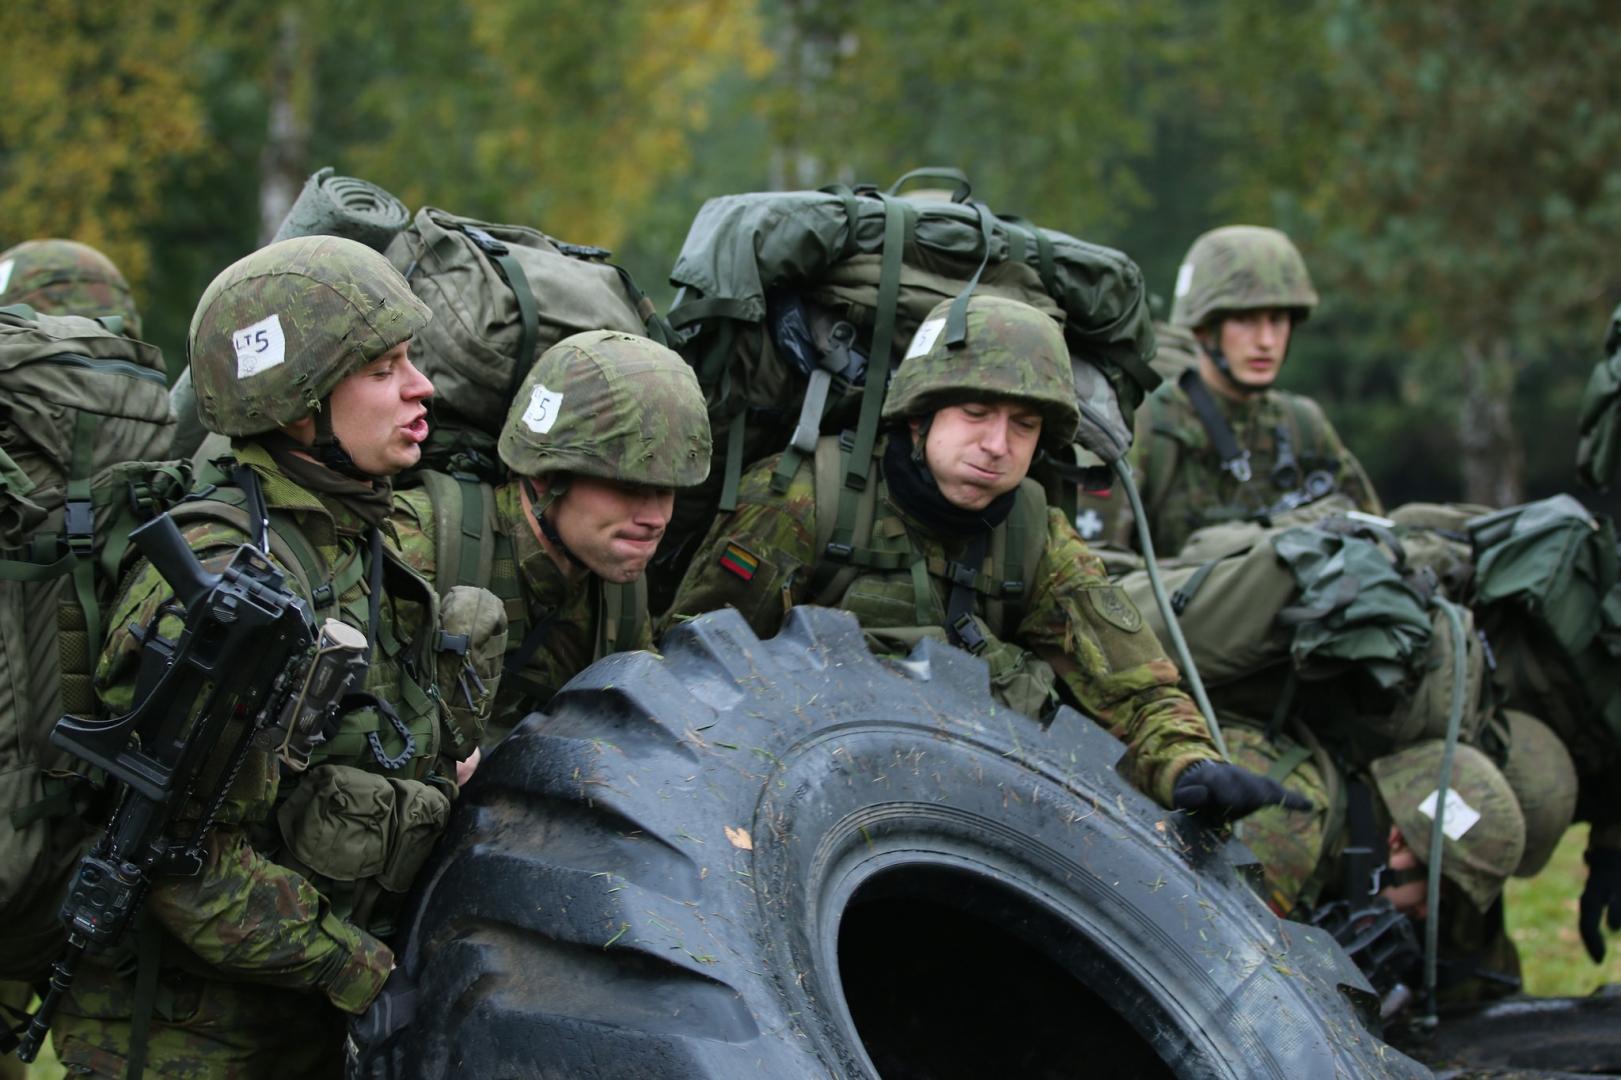 Литовские солдаты переворачивают шину в ходе учений в Баварии (Германия), 20 октября 2015 года